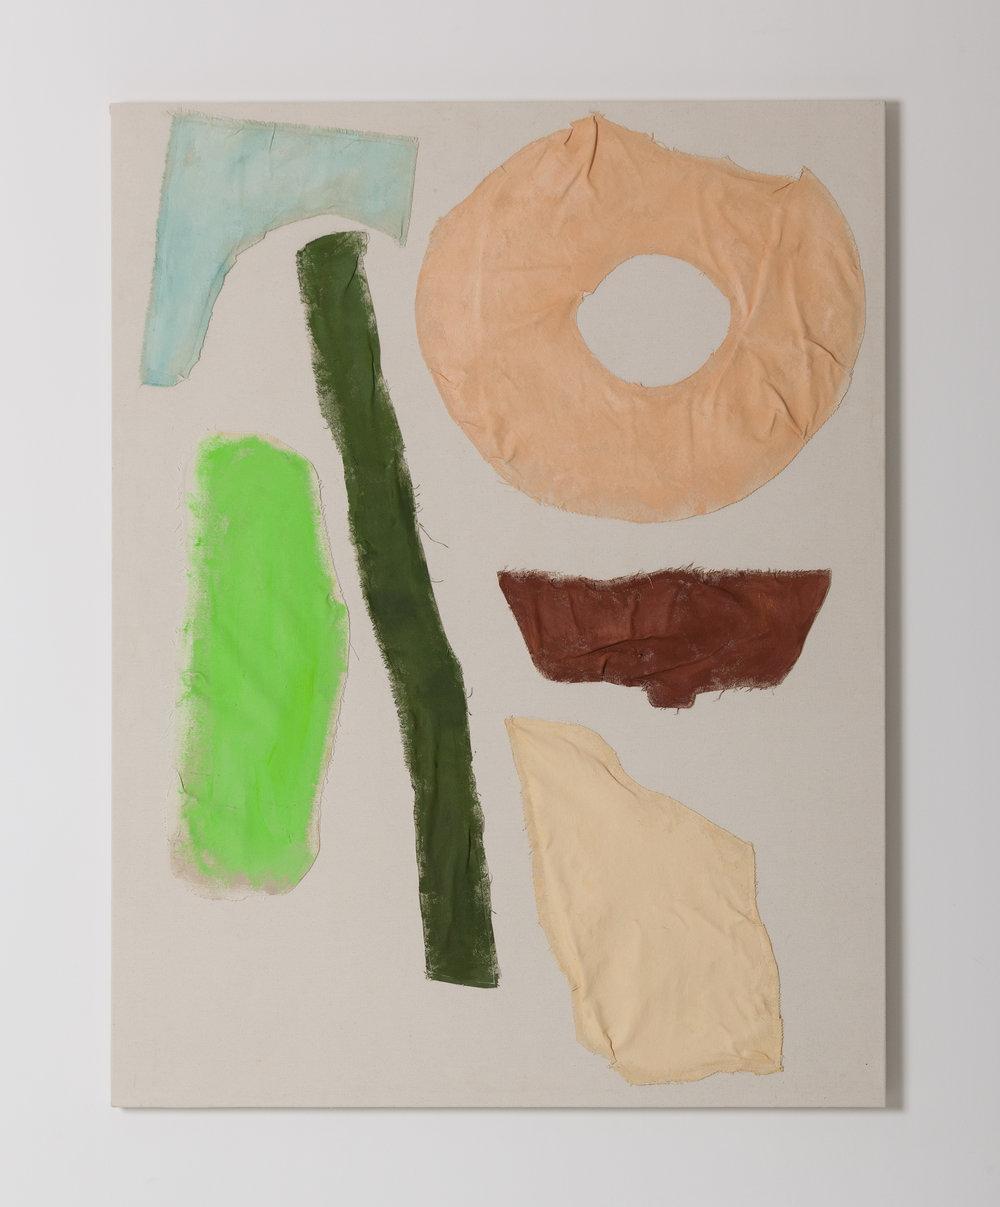 Doughnuts, Dustpan, Marble, Wood   130 x 100 cm   Acrylic on Canvas